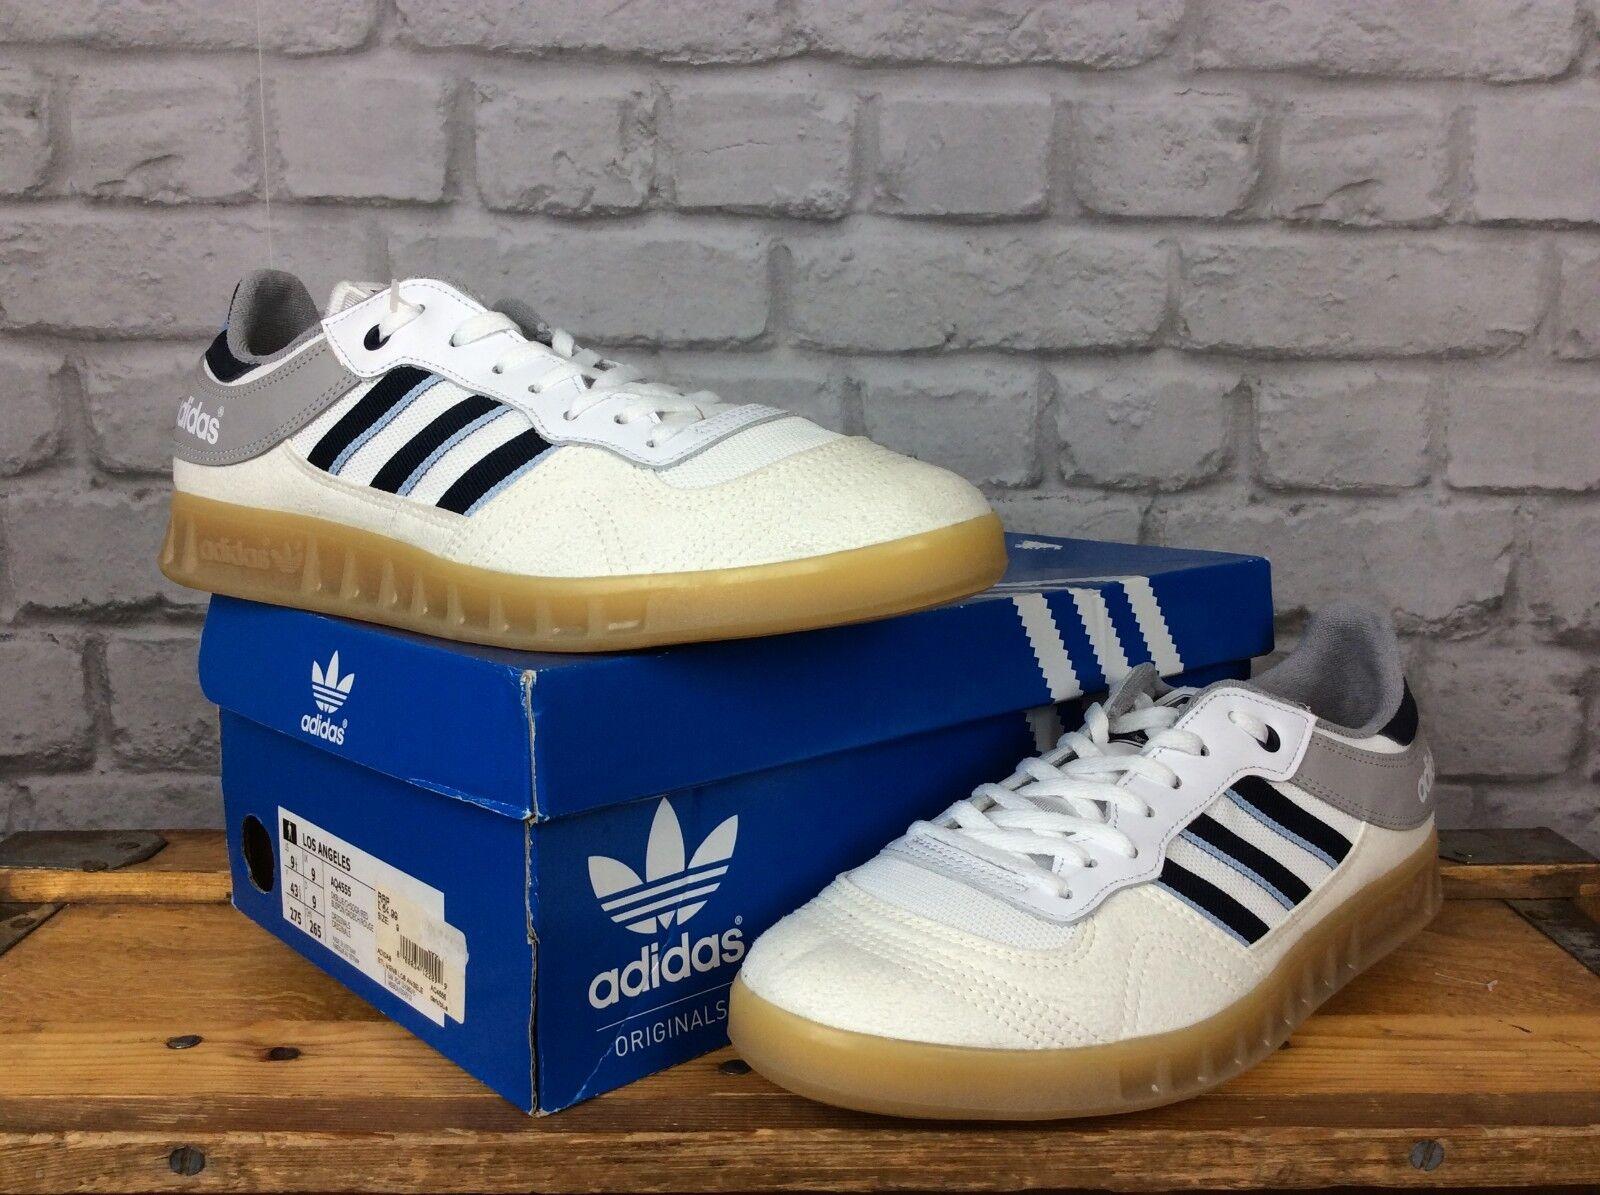 Adidas Originals Homme UK 9 EU Handball 43 1/3 blanc vintage Handball EU Liga Gum Baskets 82fa15